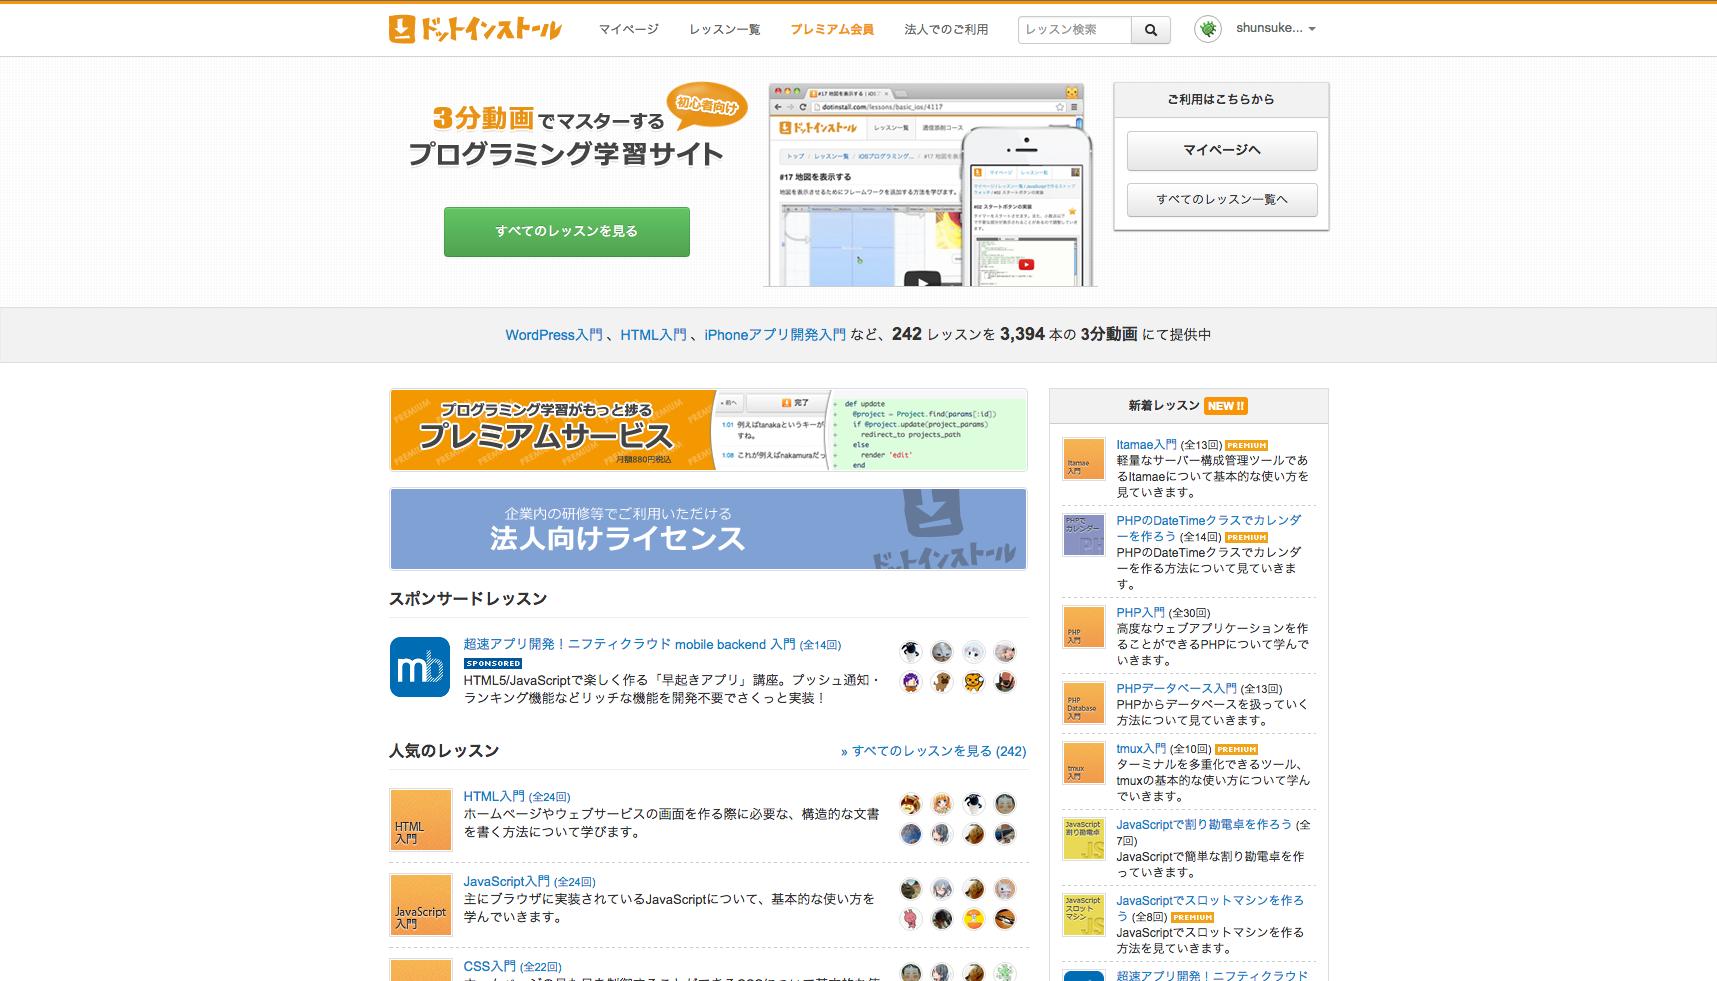 スクリーンショット 2015-08-14 17.57.34